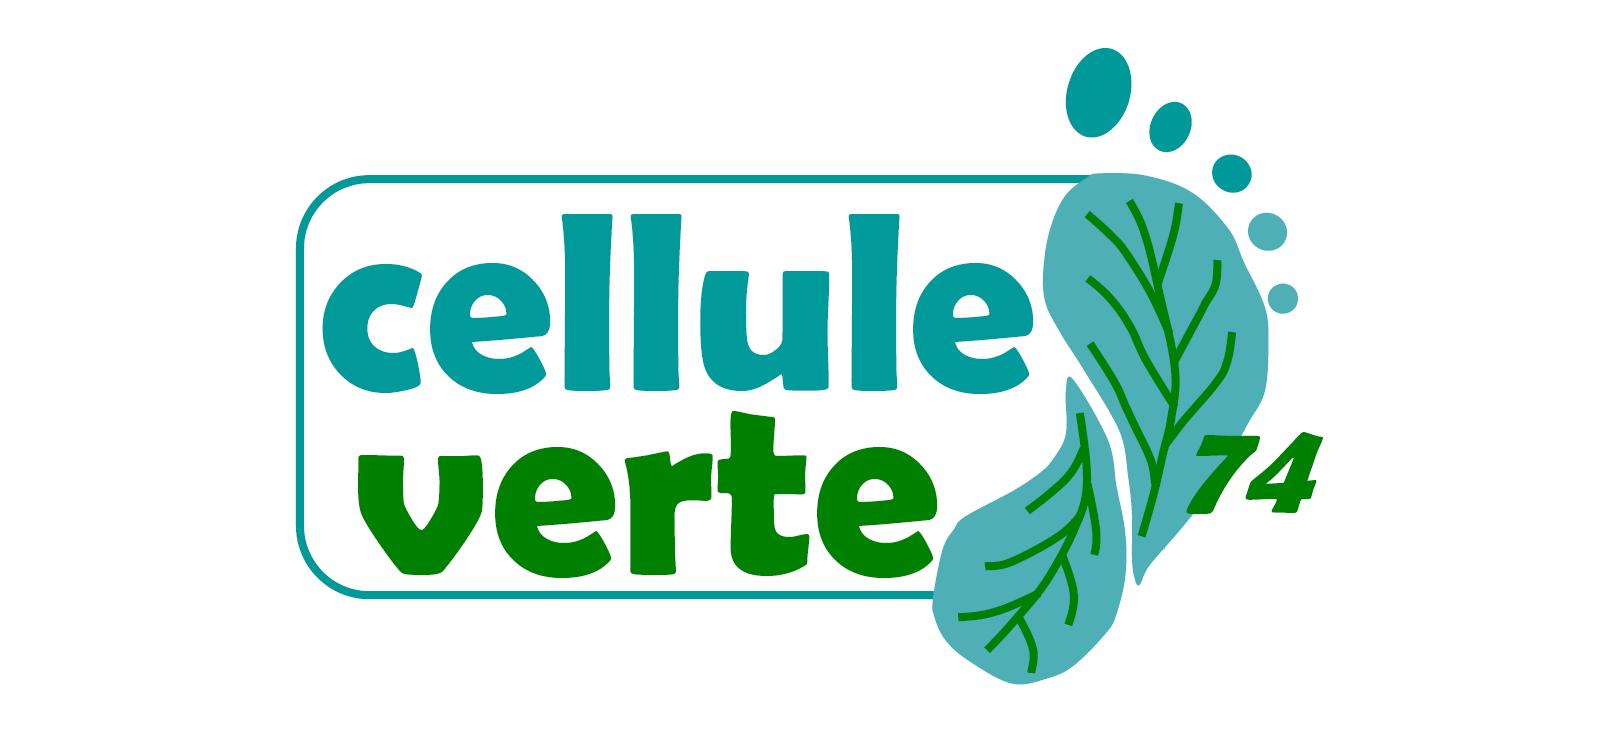 CELLULE VERTE 1 - Animation économique